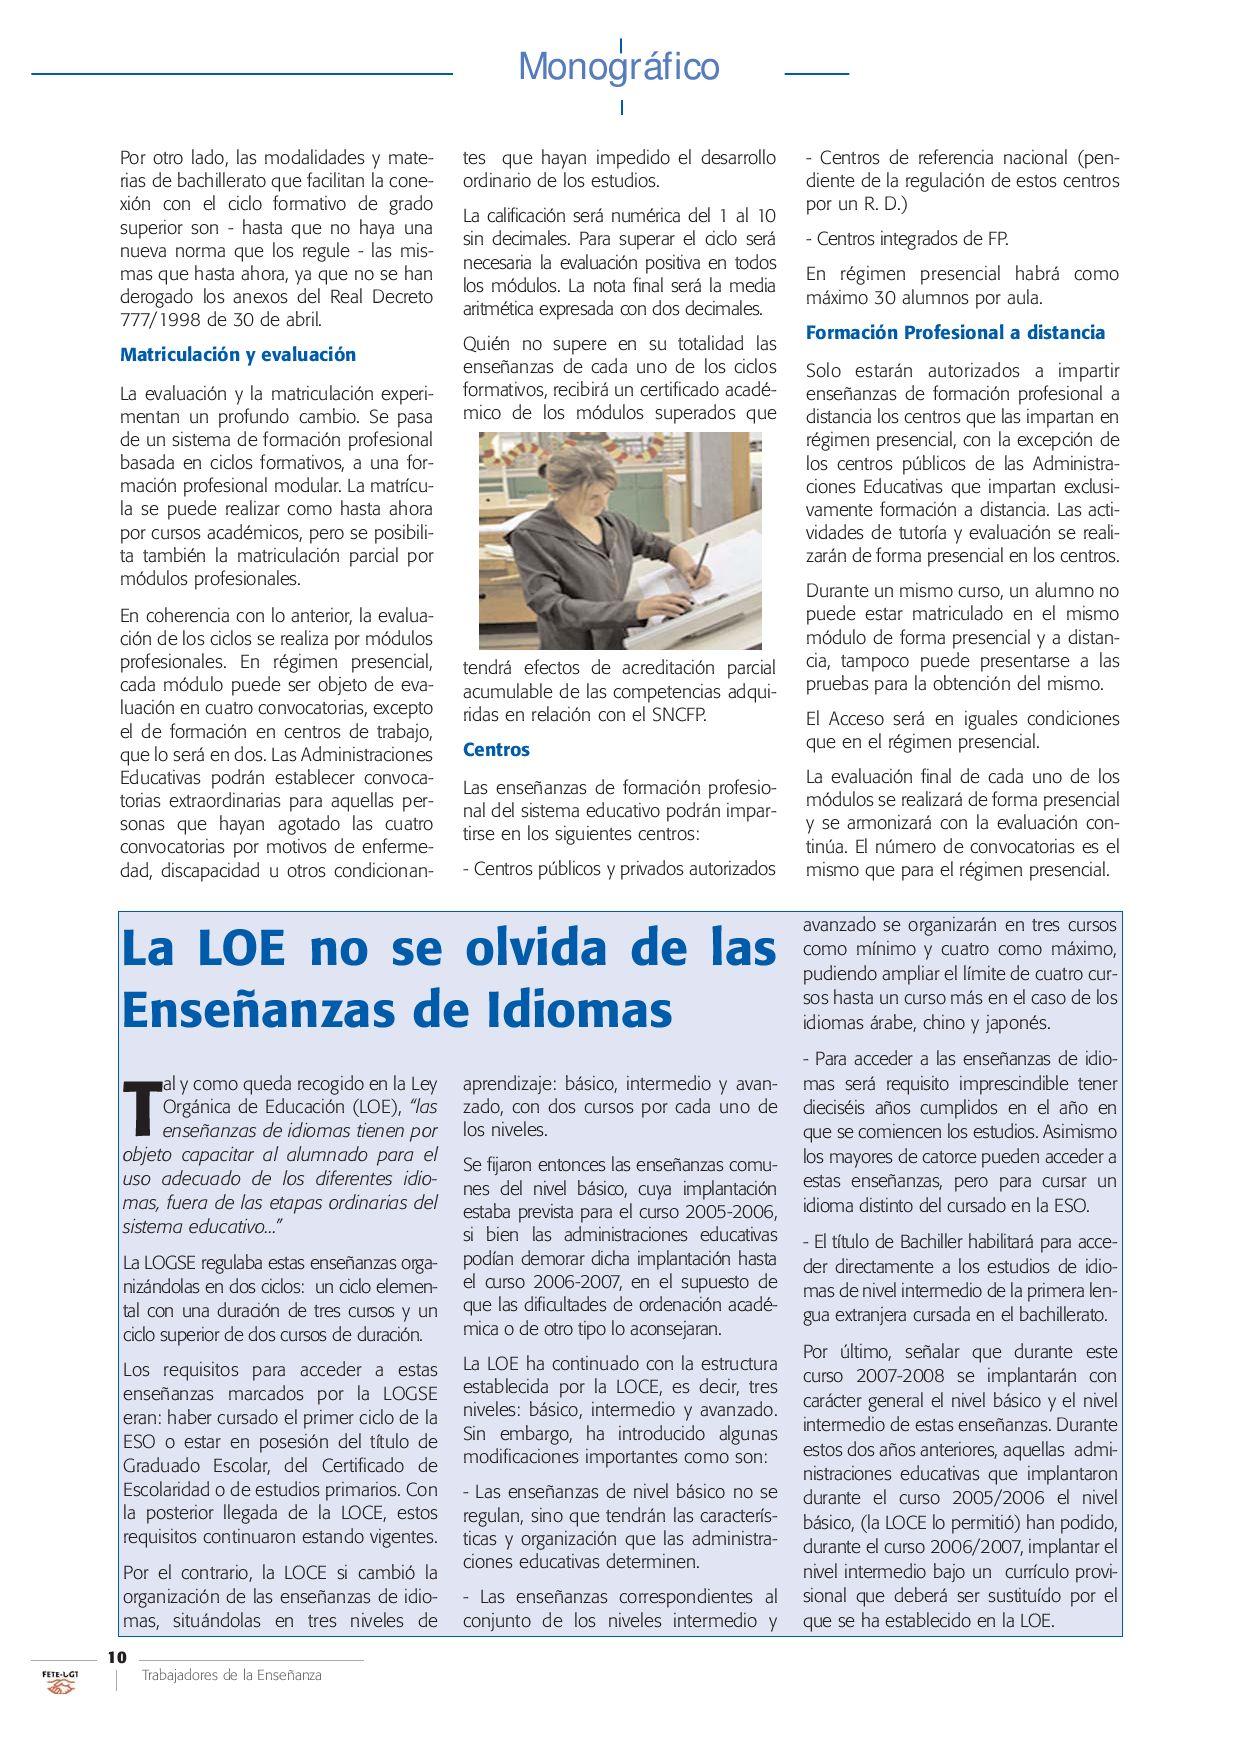 Trabajadores De La Enseñanza De Fete Ugt Nº 81 By